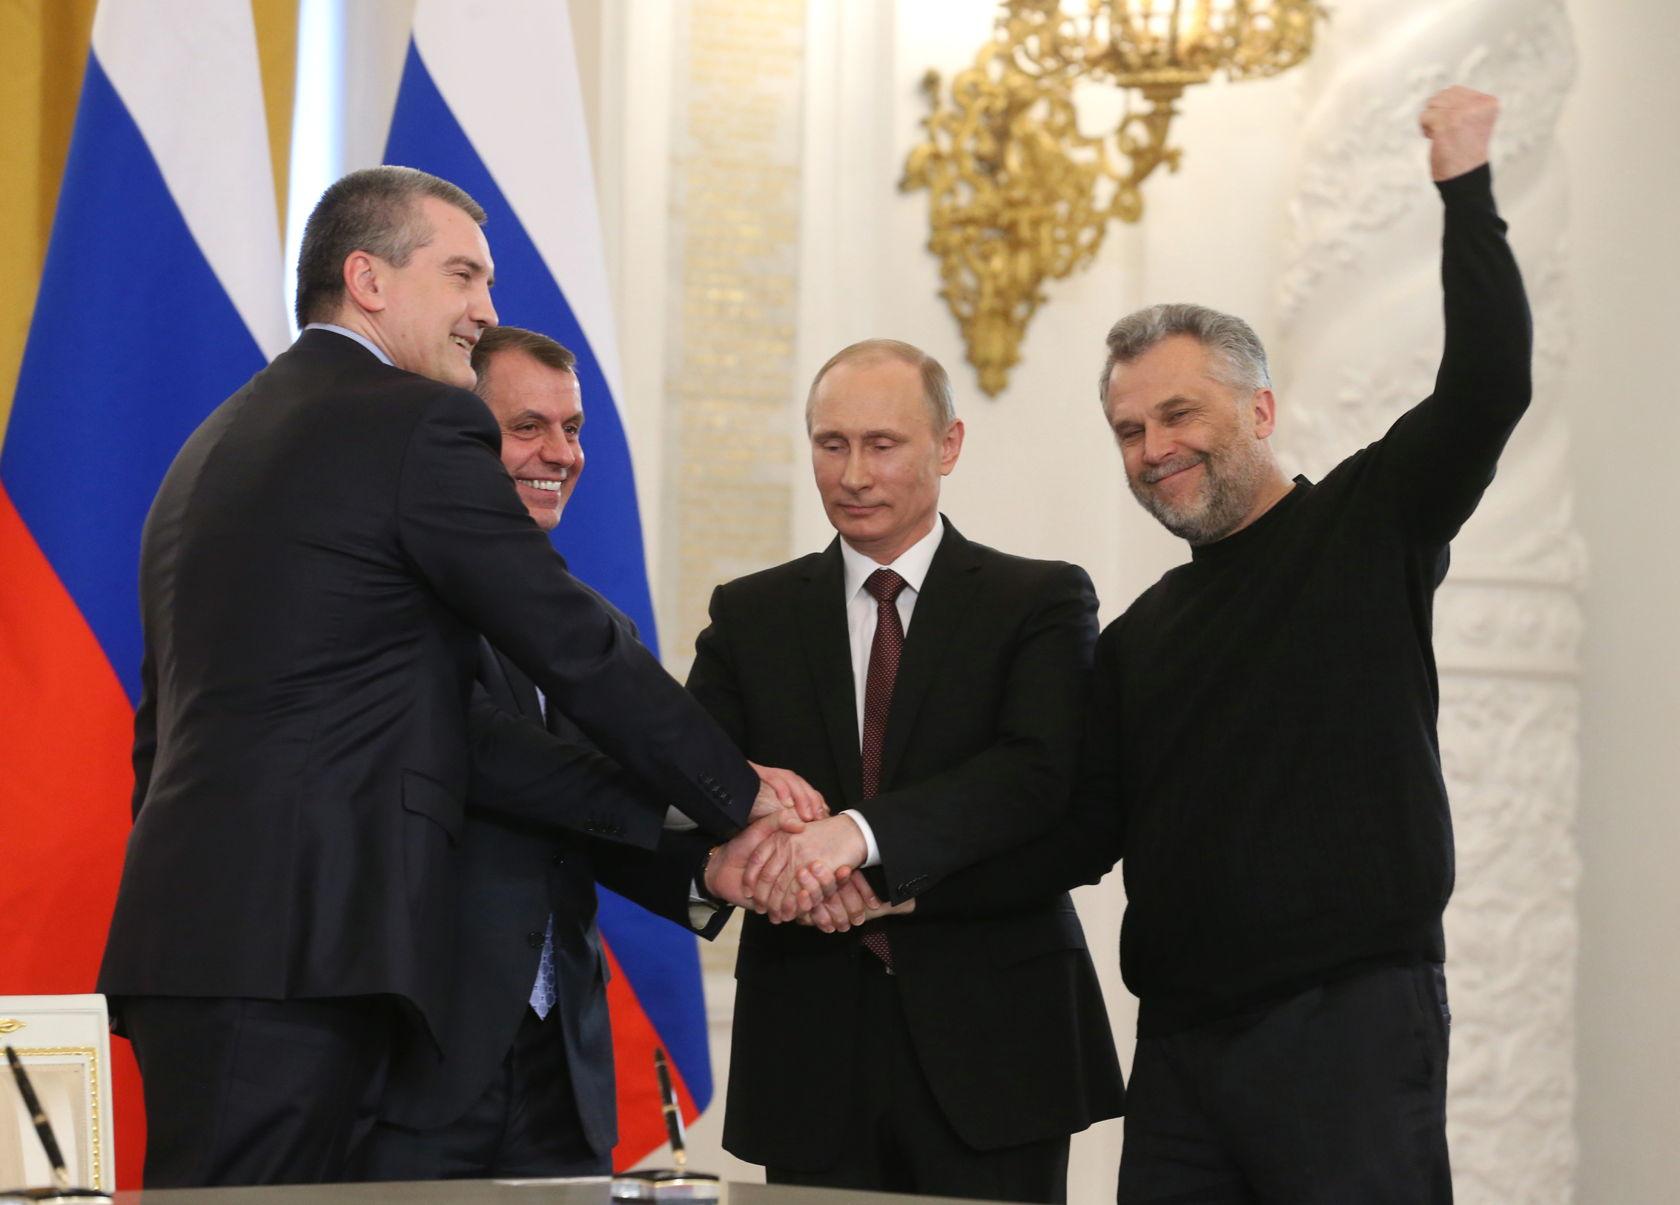 E' anche grazie all'uomo con il maglione nero che la Crimea è ancora russa